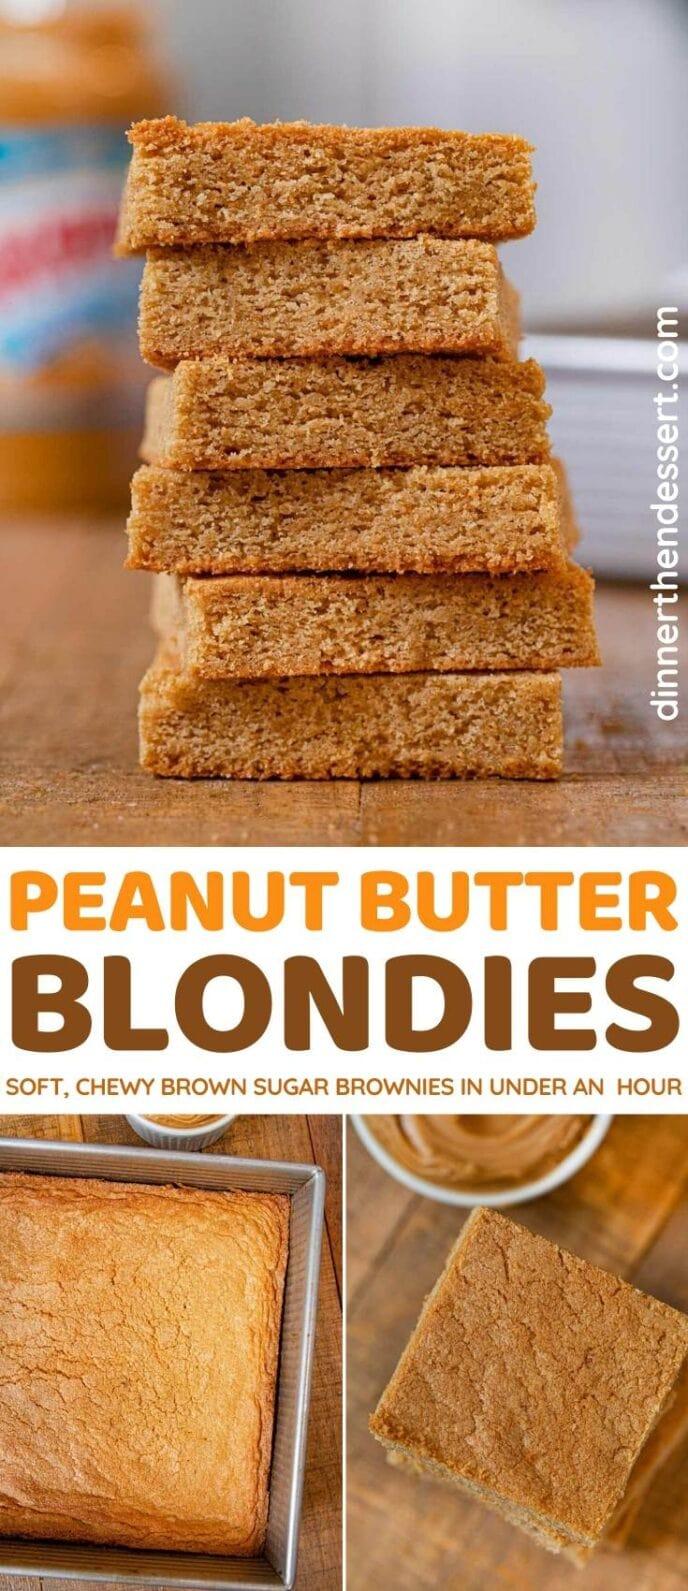 Peanut Butter Blondies collage